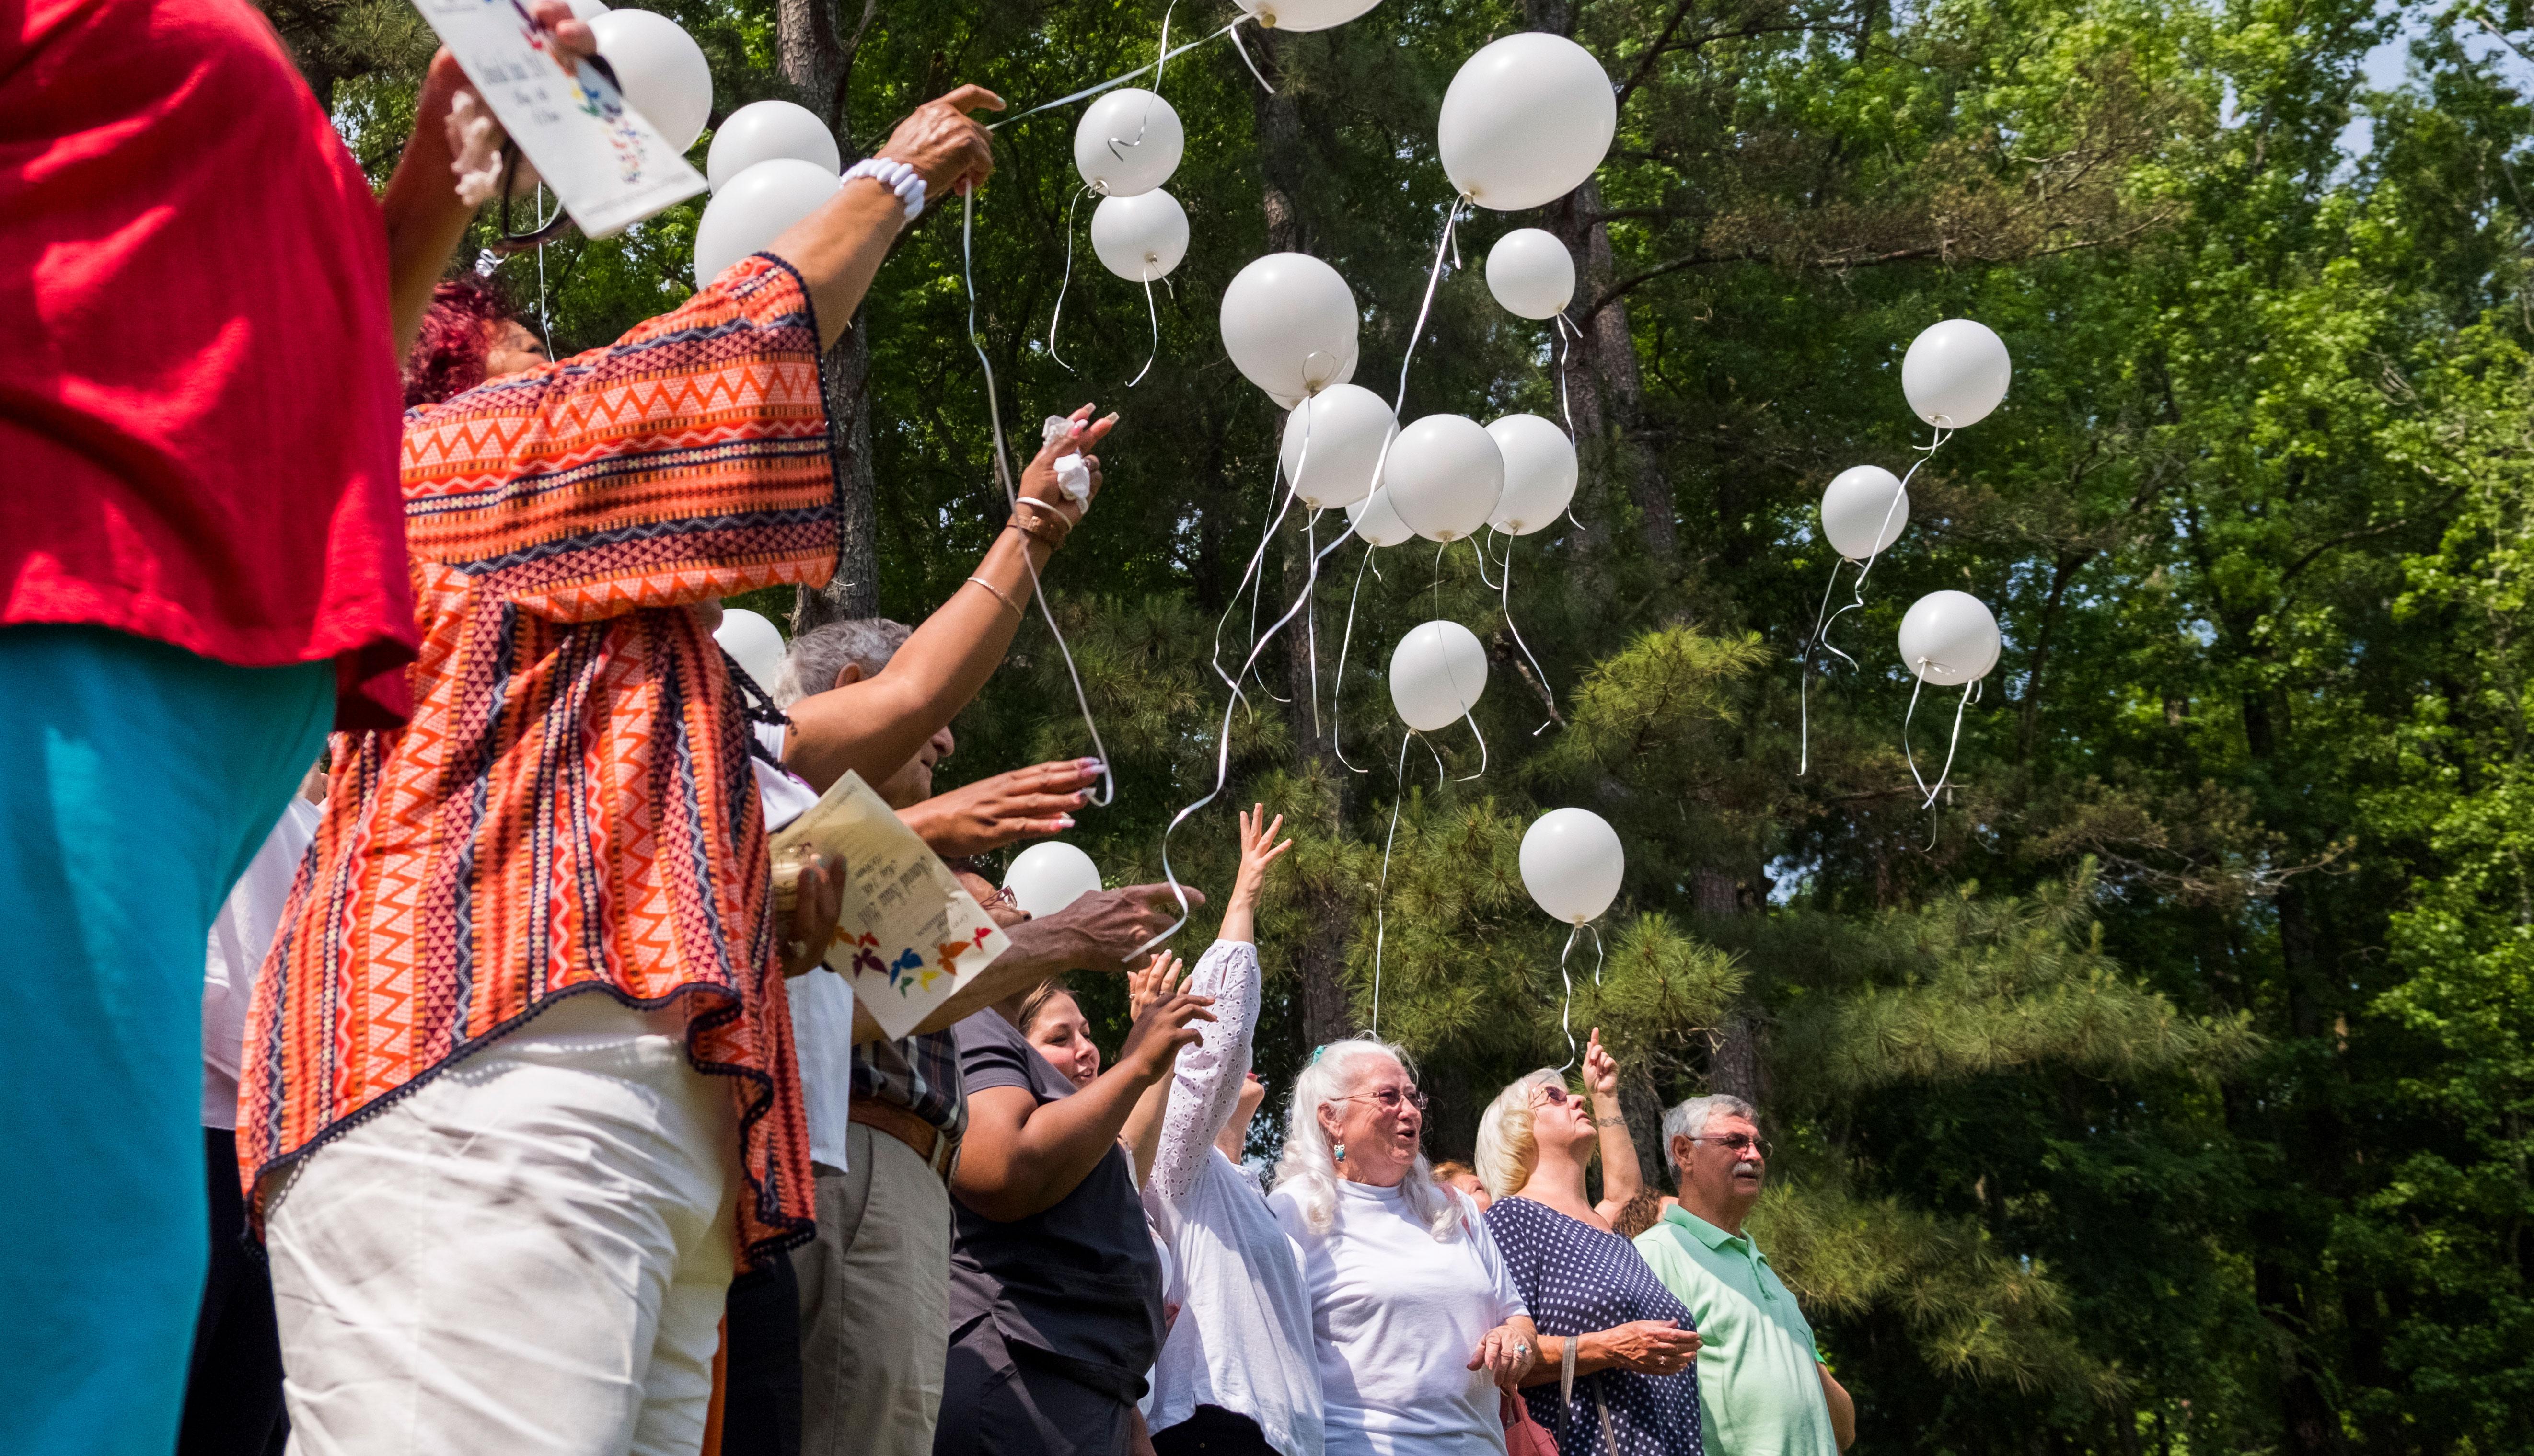 Grupo de personas liberando unos globos